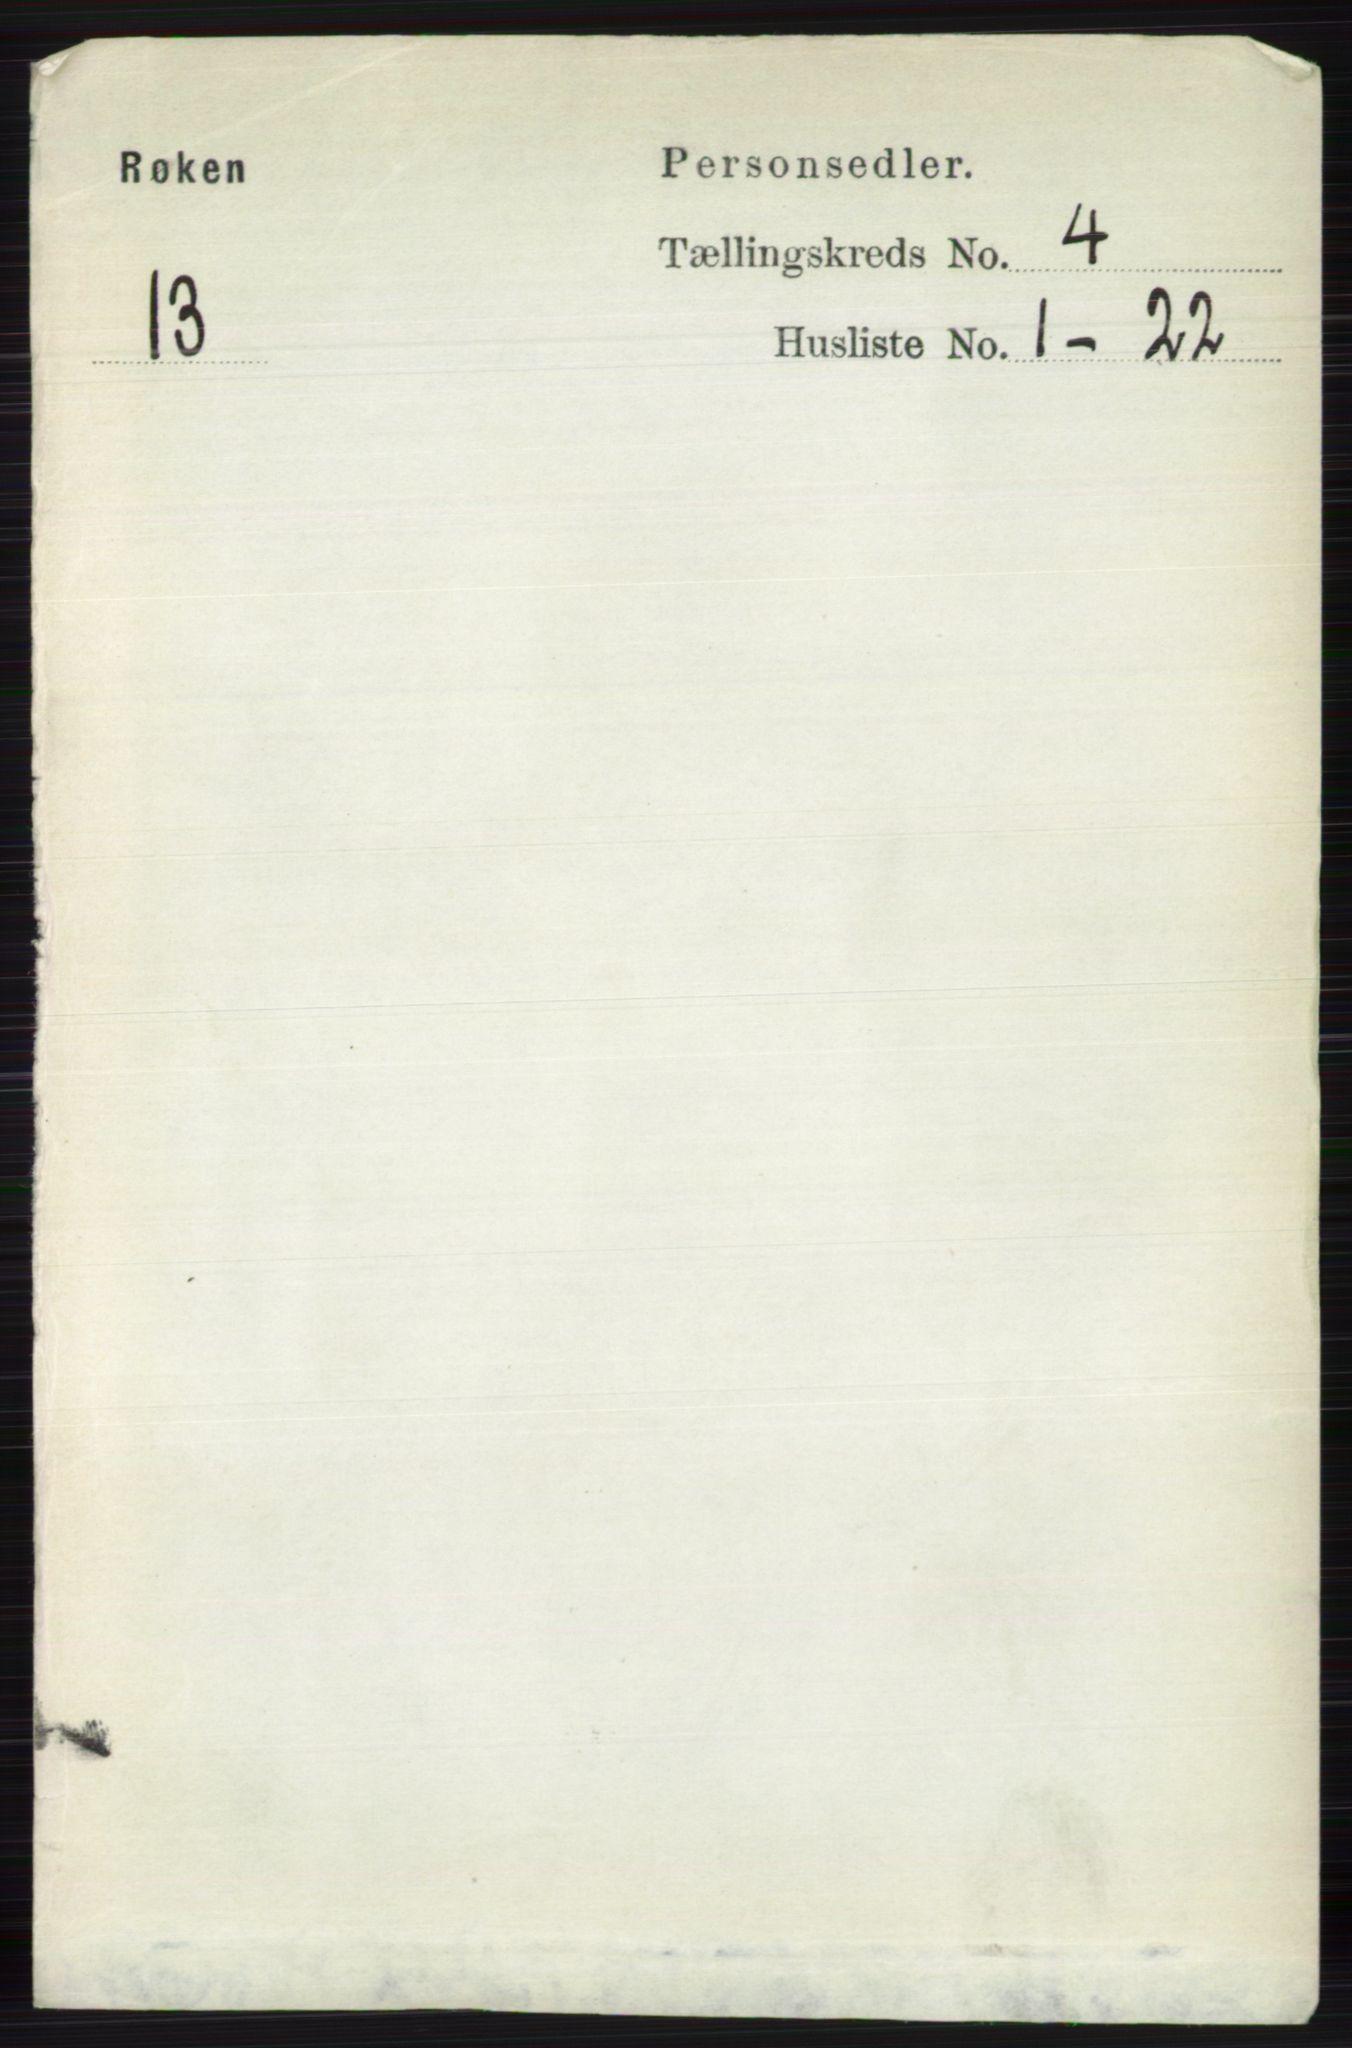 RA, Folketelling 1891 for 0627 Røyken herred, 1891, s. 1856